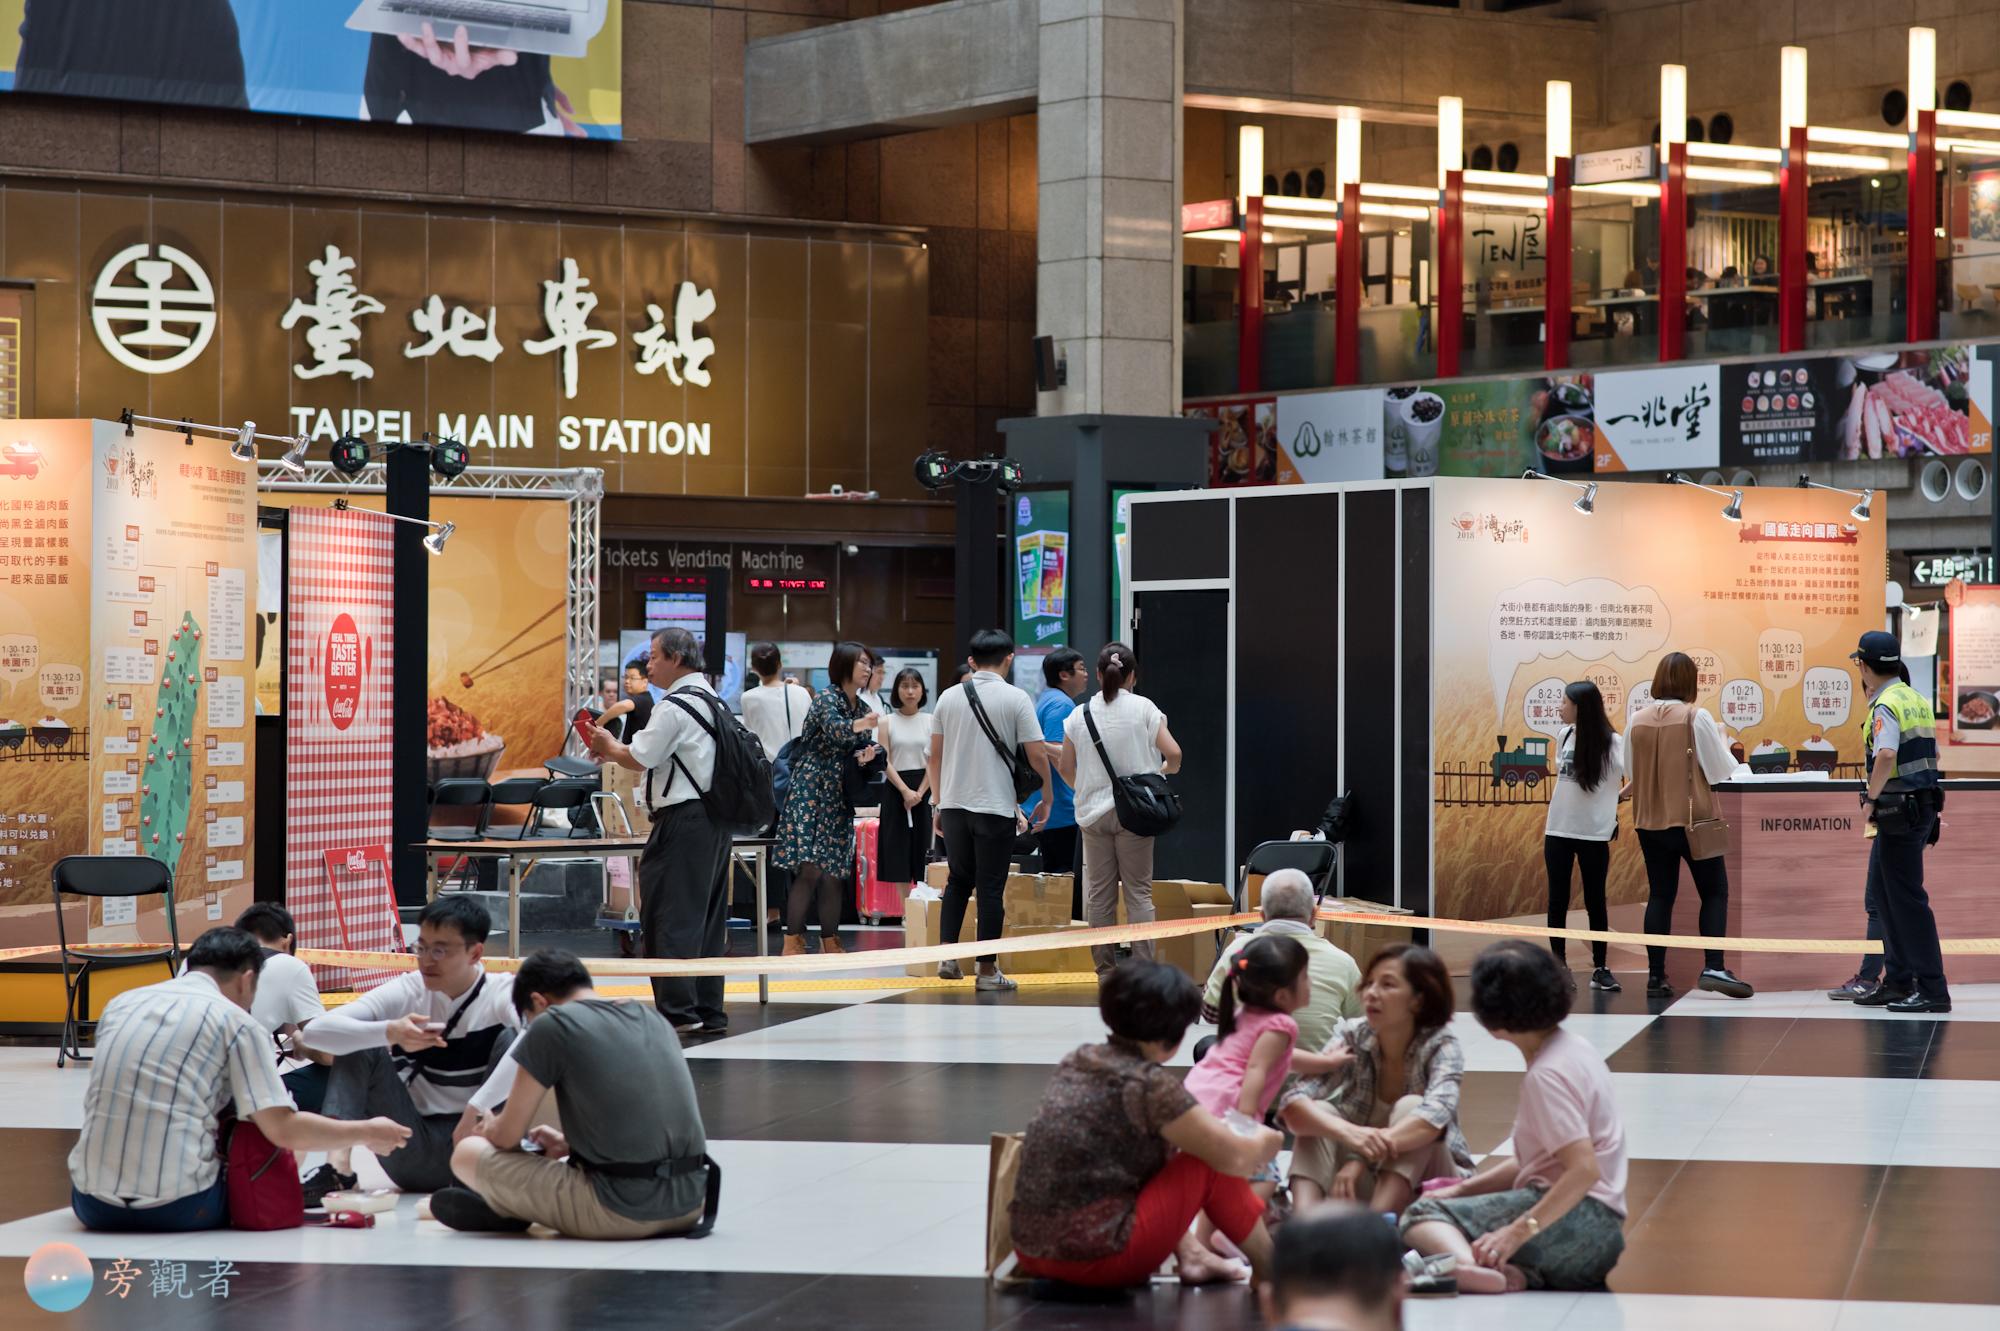 攤位設置於台北車站大廳